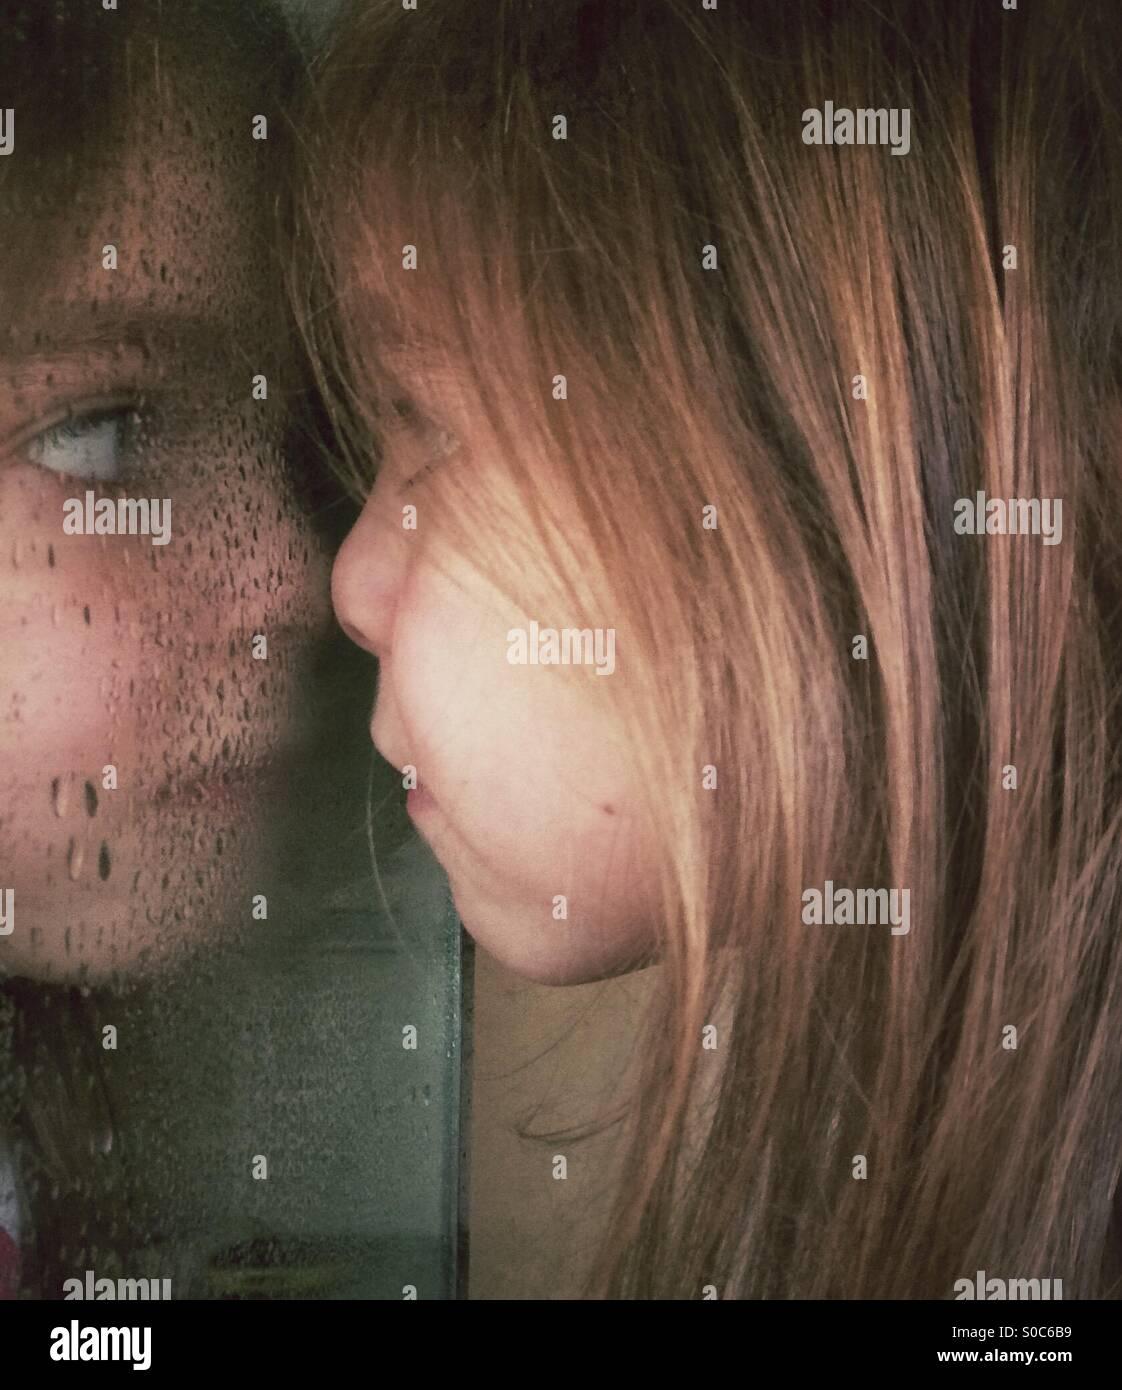 Chica presionando su nariz contra el espejo del baño mojado Imagen De Stock